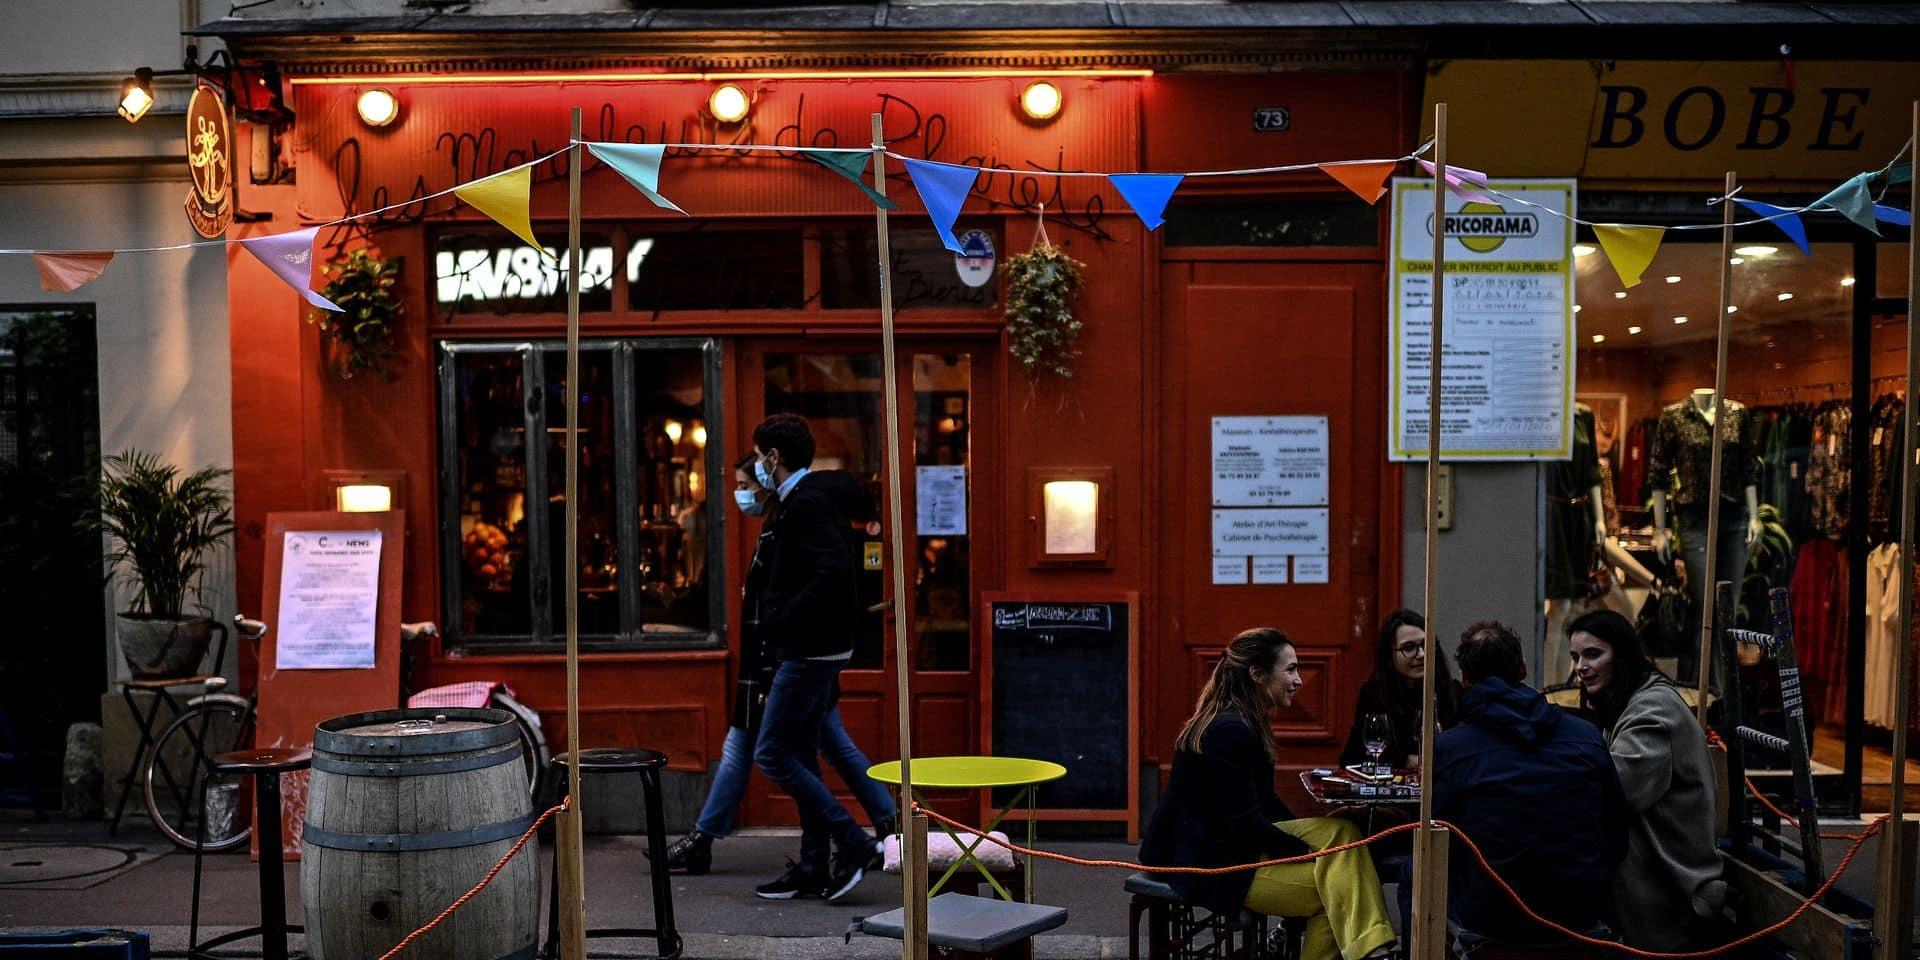 On se dirige vers une fermeture des bars à Paris